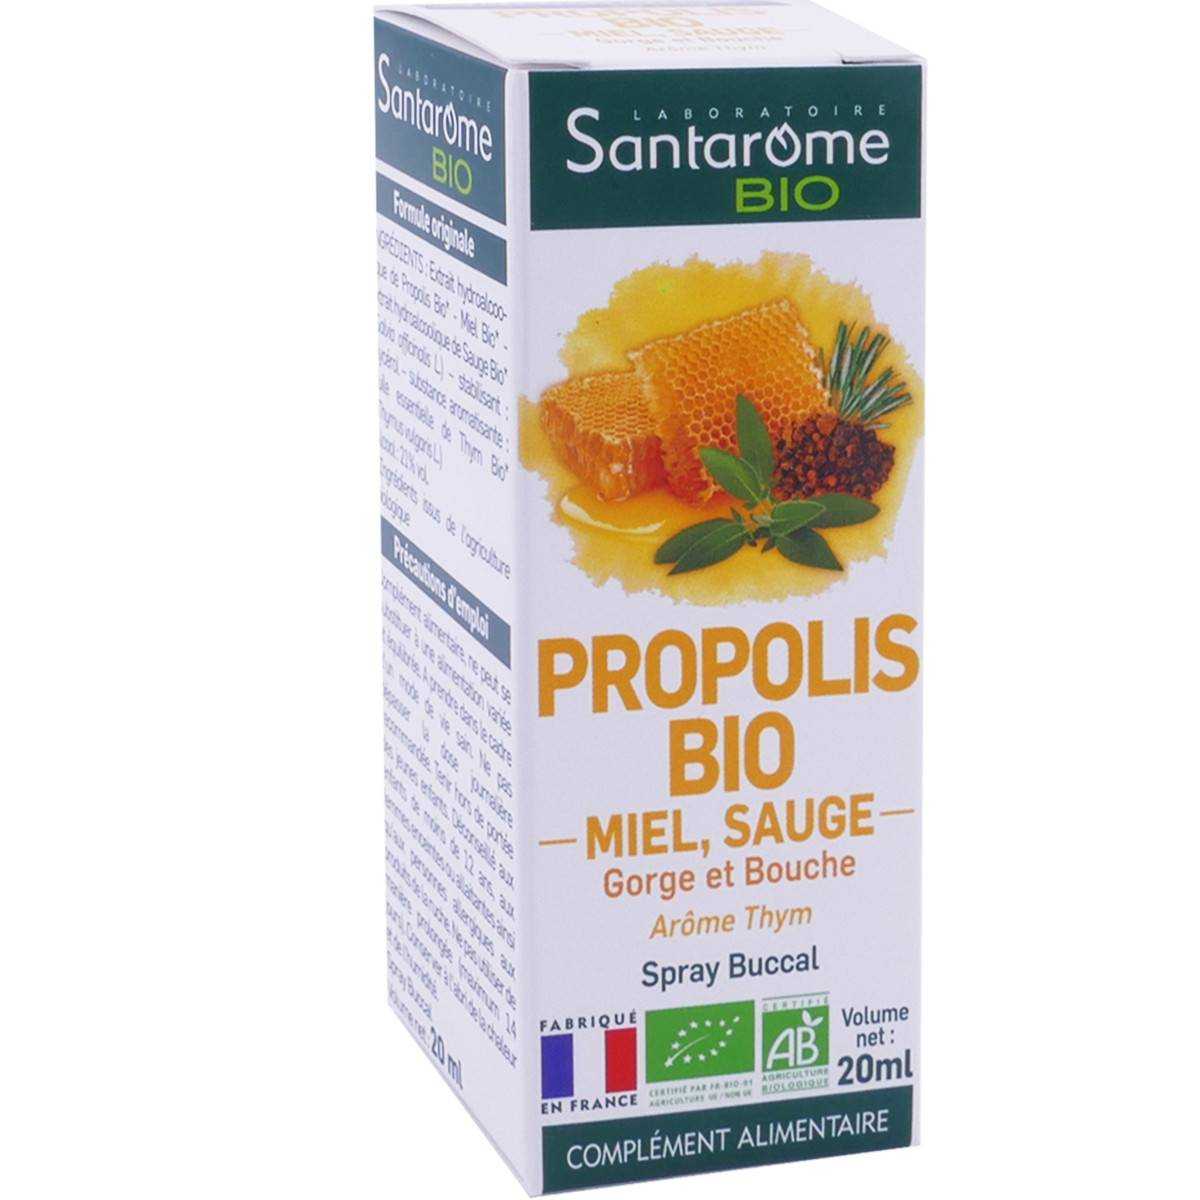 Santarome bio propolis bio miel sauge 20 ml